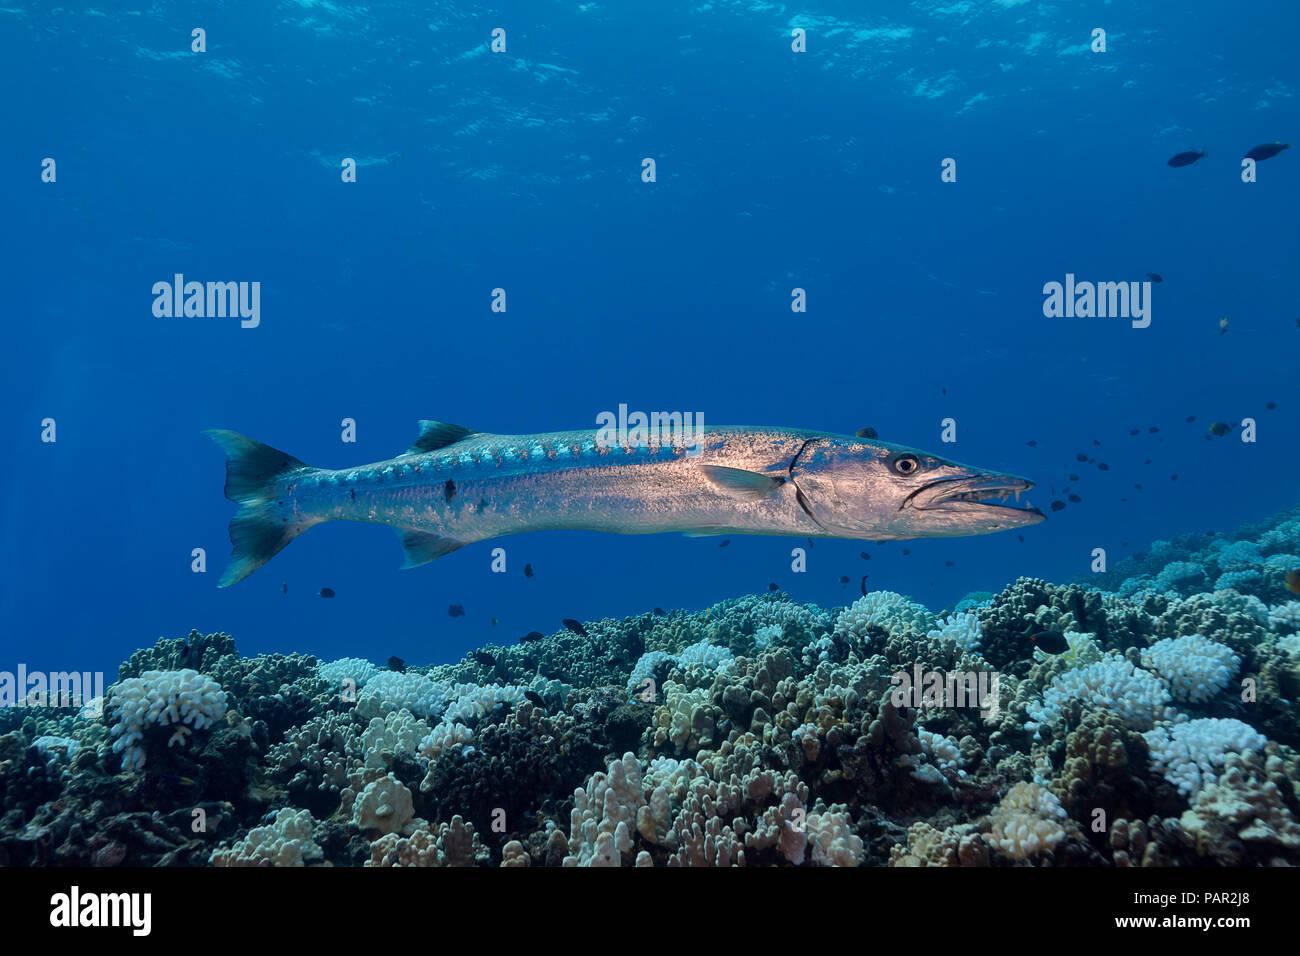 Gran barracuda, Sphyraena barracuda, puede alcanzar tanto como seis pies de largo. Hawaii. Foto de stock